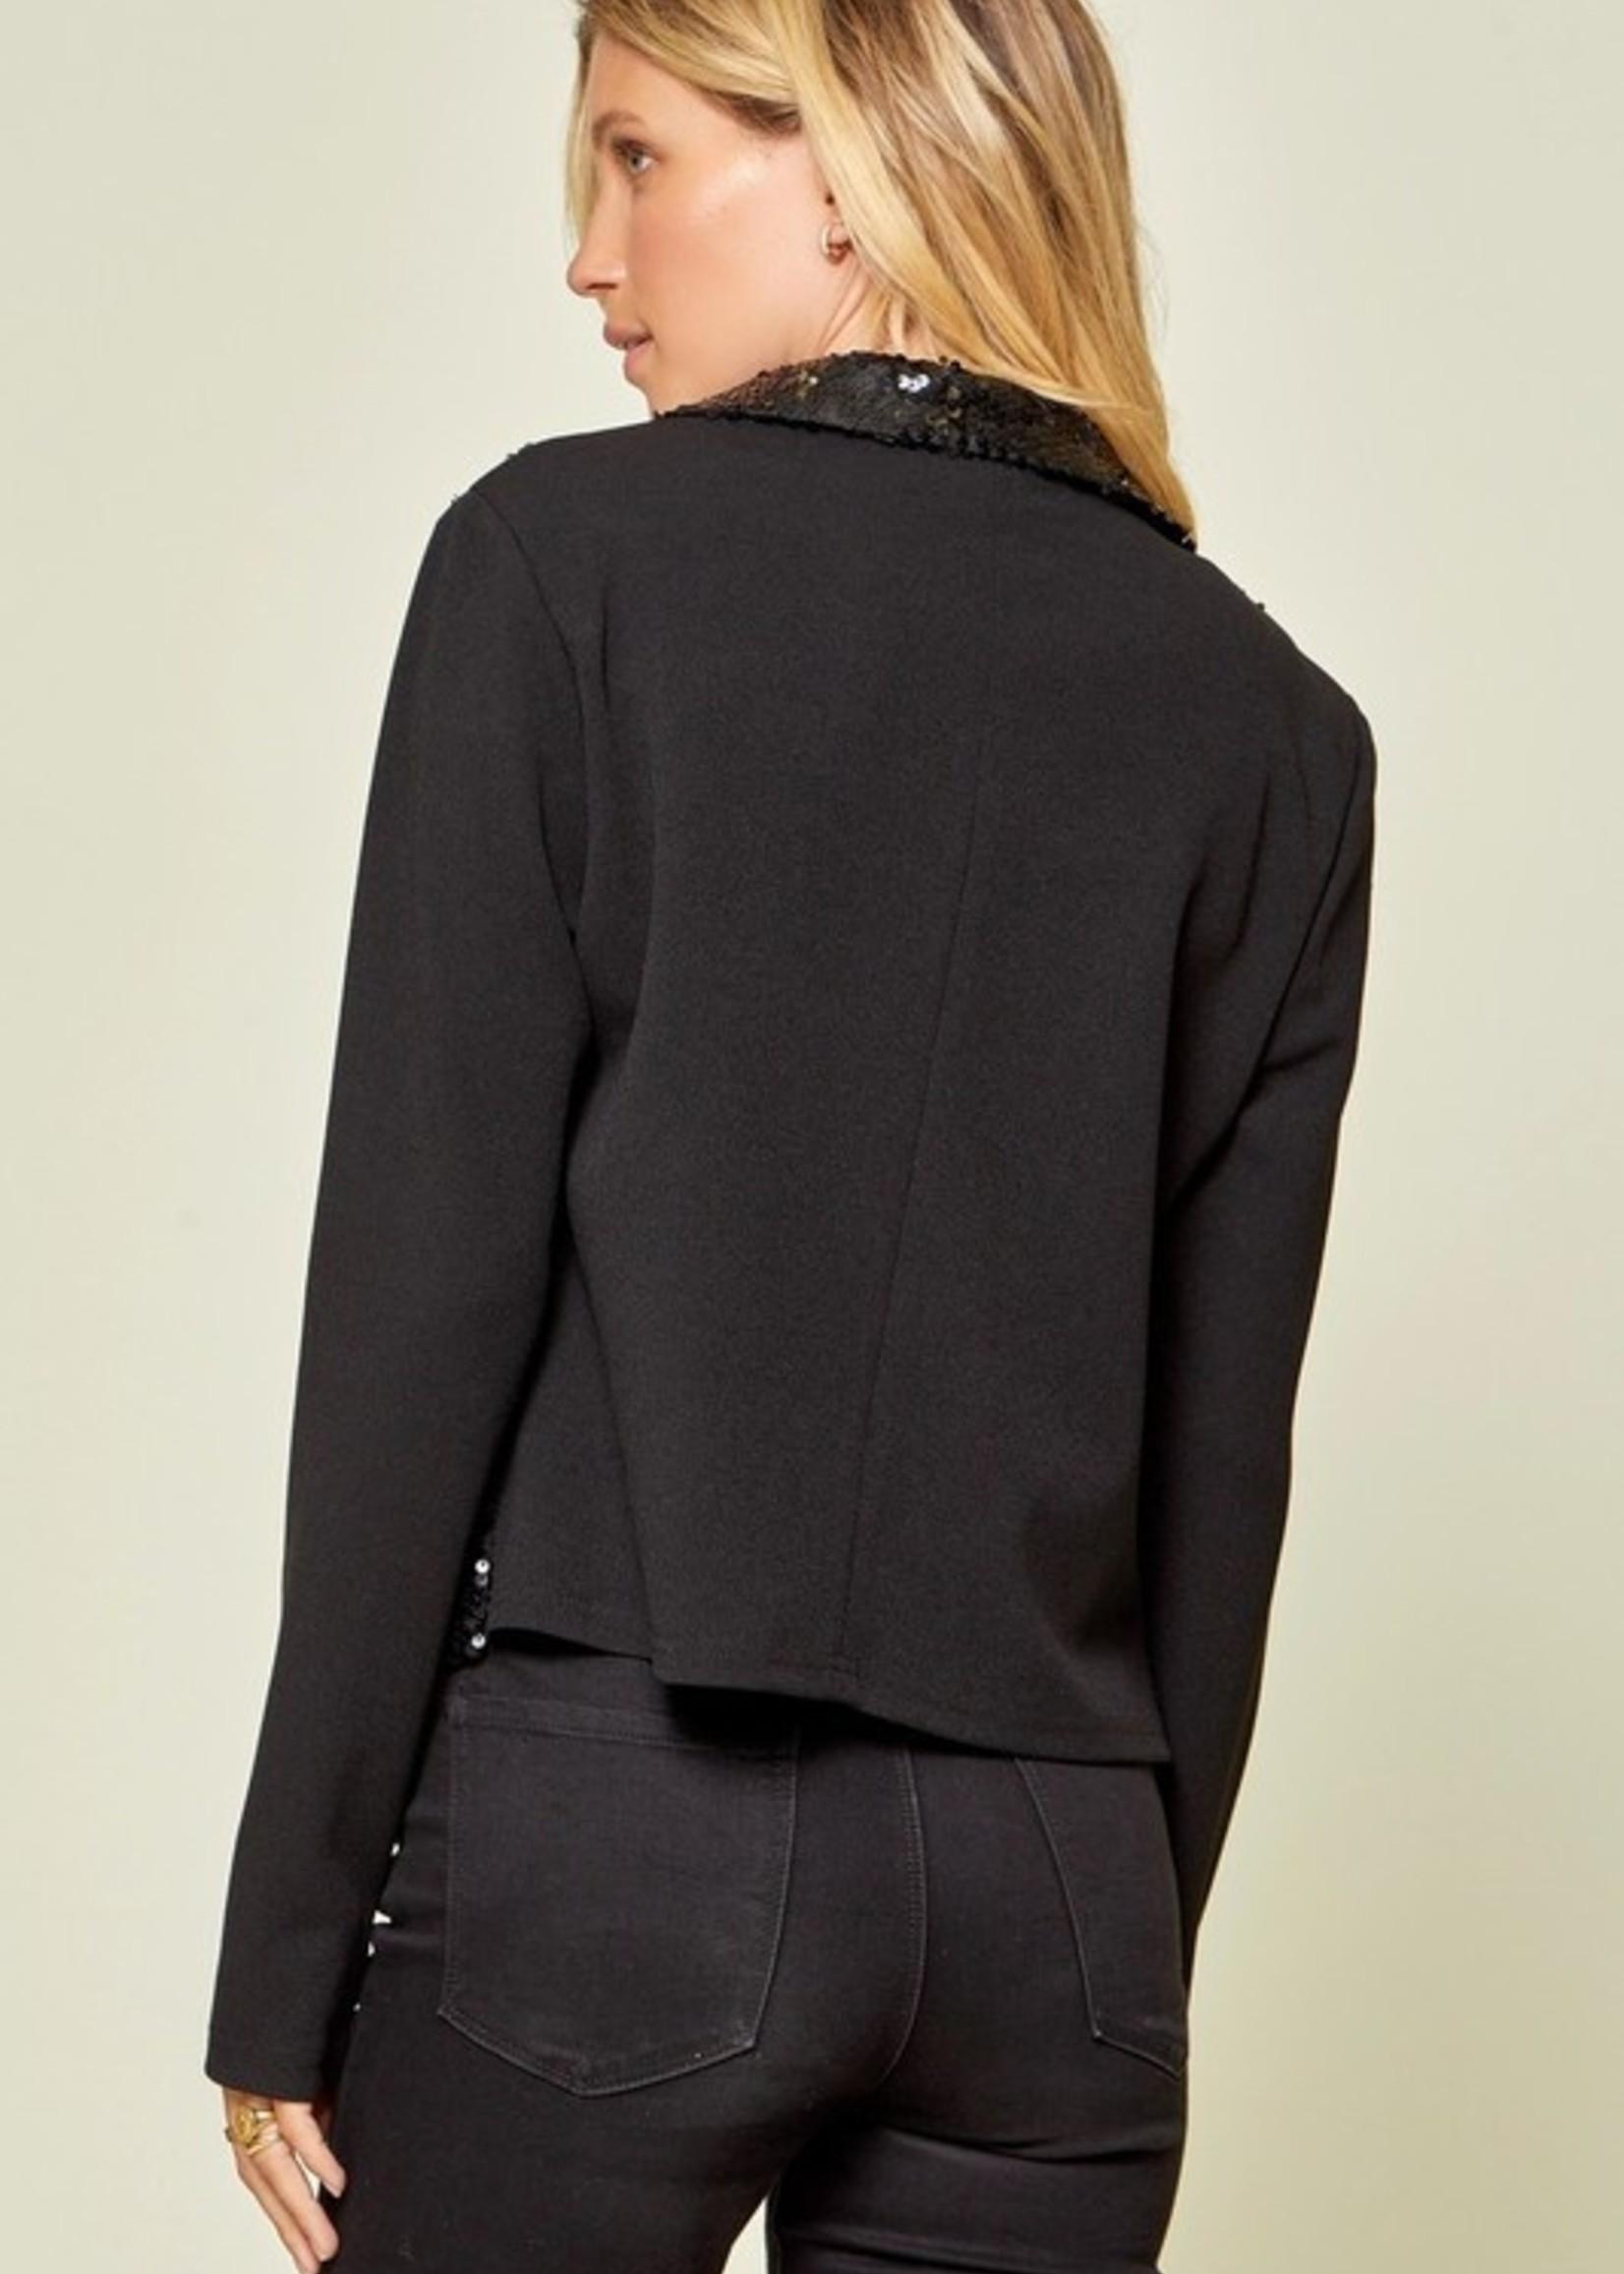 Sequin knit blazer